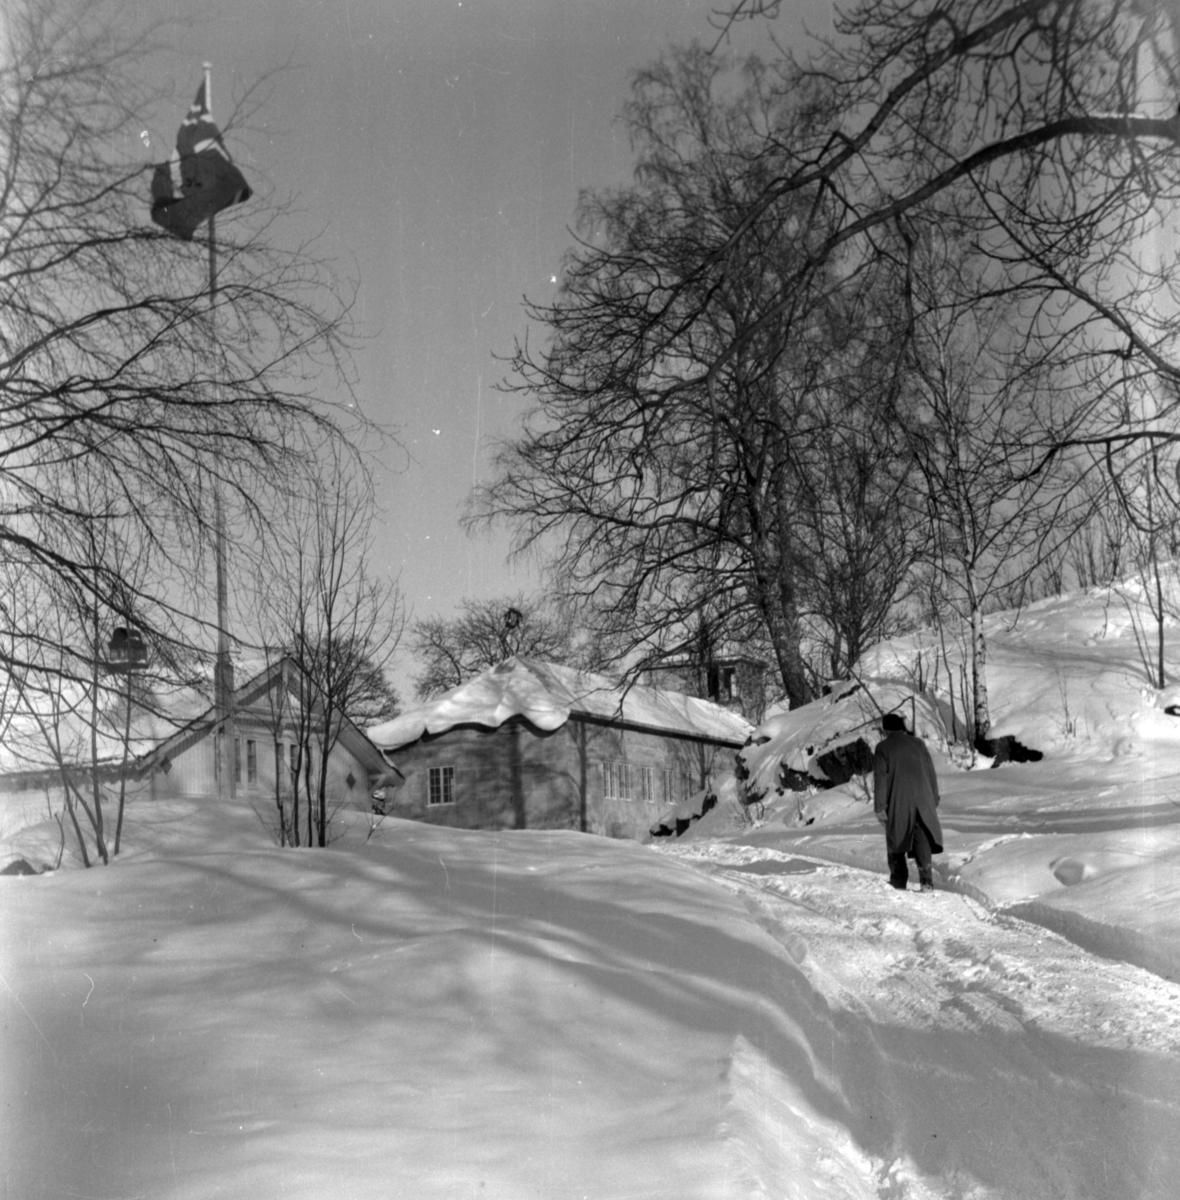 Aust-Agder-Museets første byggetrinn  på Langsæ. Kranselag med flagget tl topps. Vinter med snøl. Fotografert fra veien opp mot tunet på Langsæ, flaggstangen t.v. i bildet.